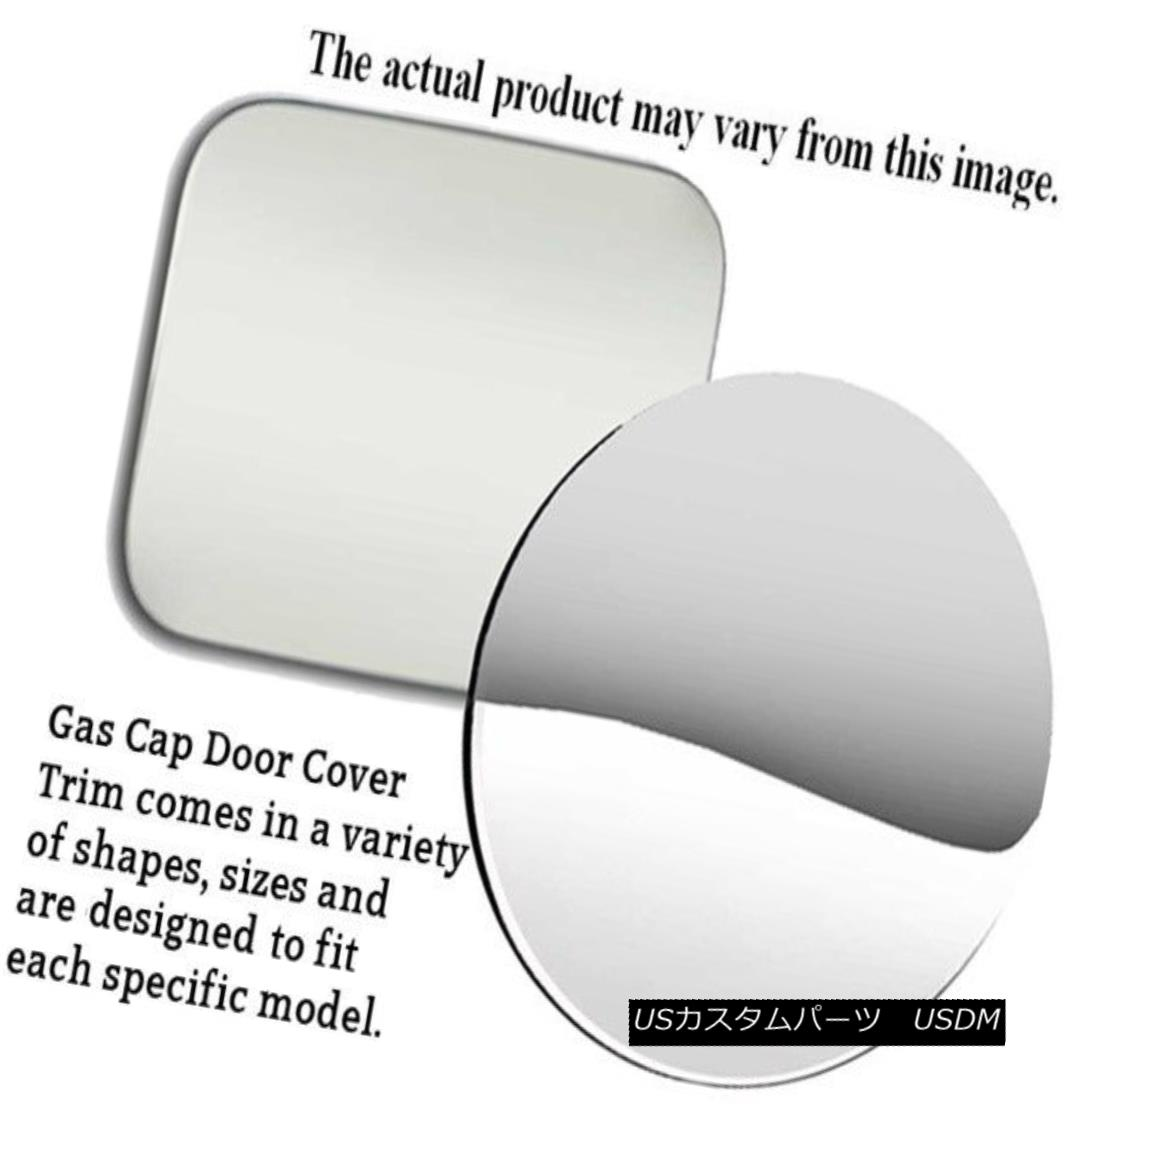 グリル Fits 1997-2003 PONTIAC GRAND PRIX 4-door -Stainless Steel GAS CAP DOOR 1997年から2003年のPONTIAC GRAND PRIX 4ドア - ステンレススチール製GAS CAP DOOR